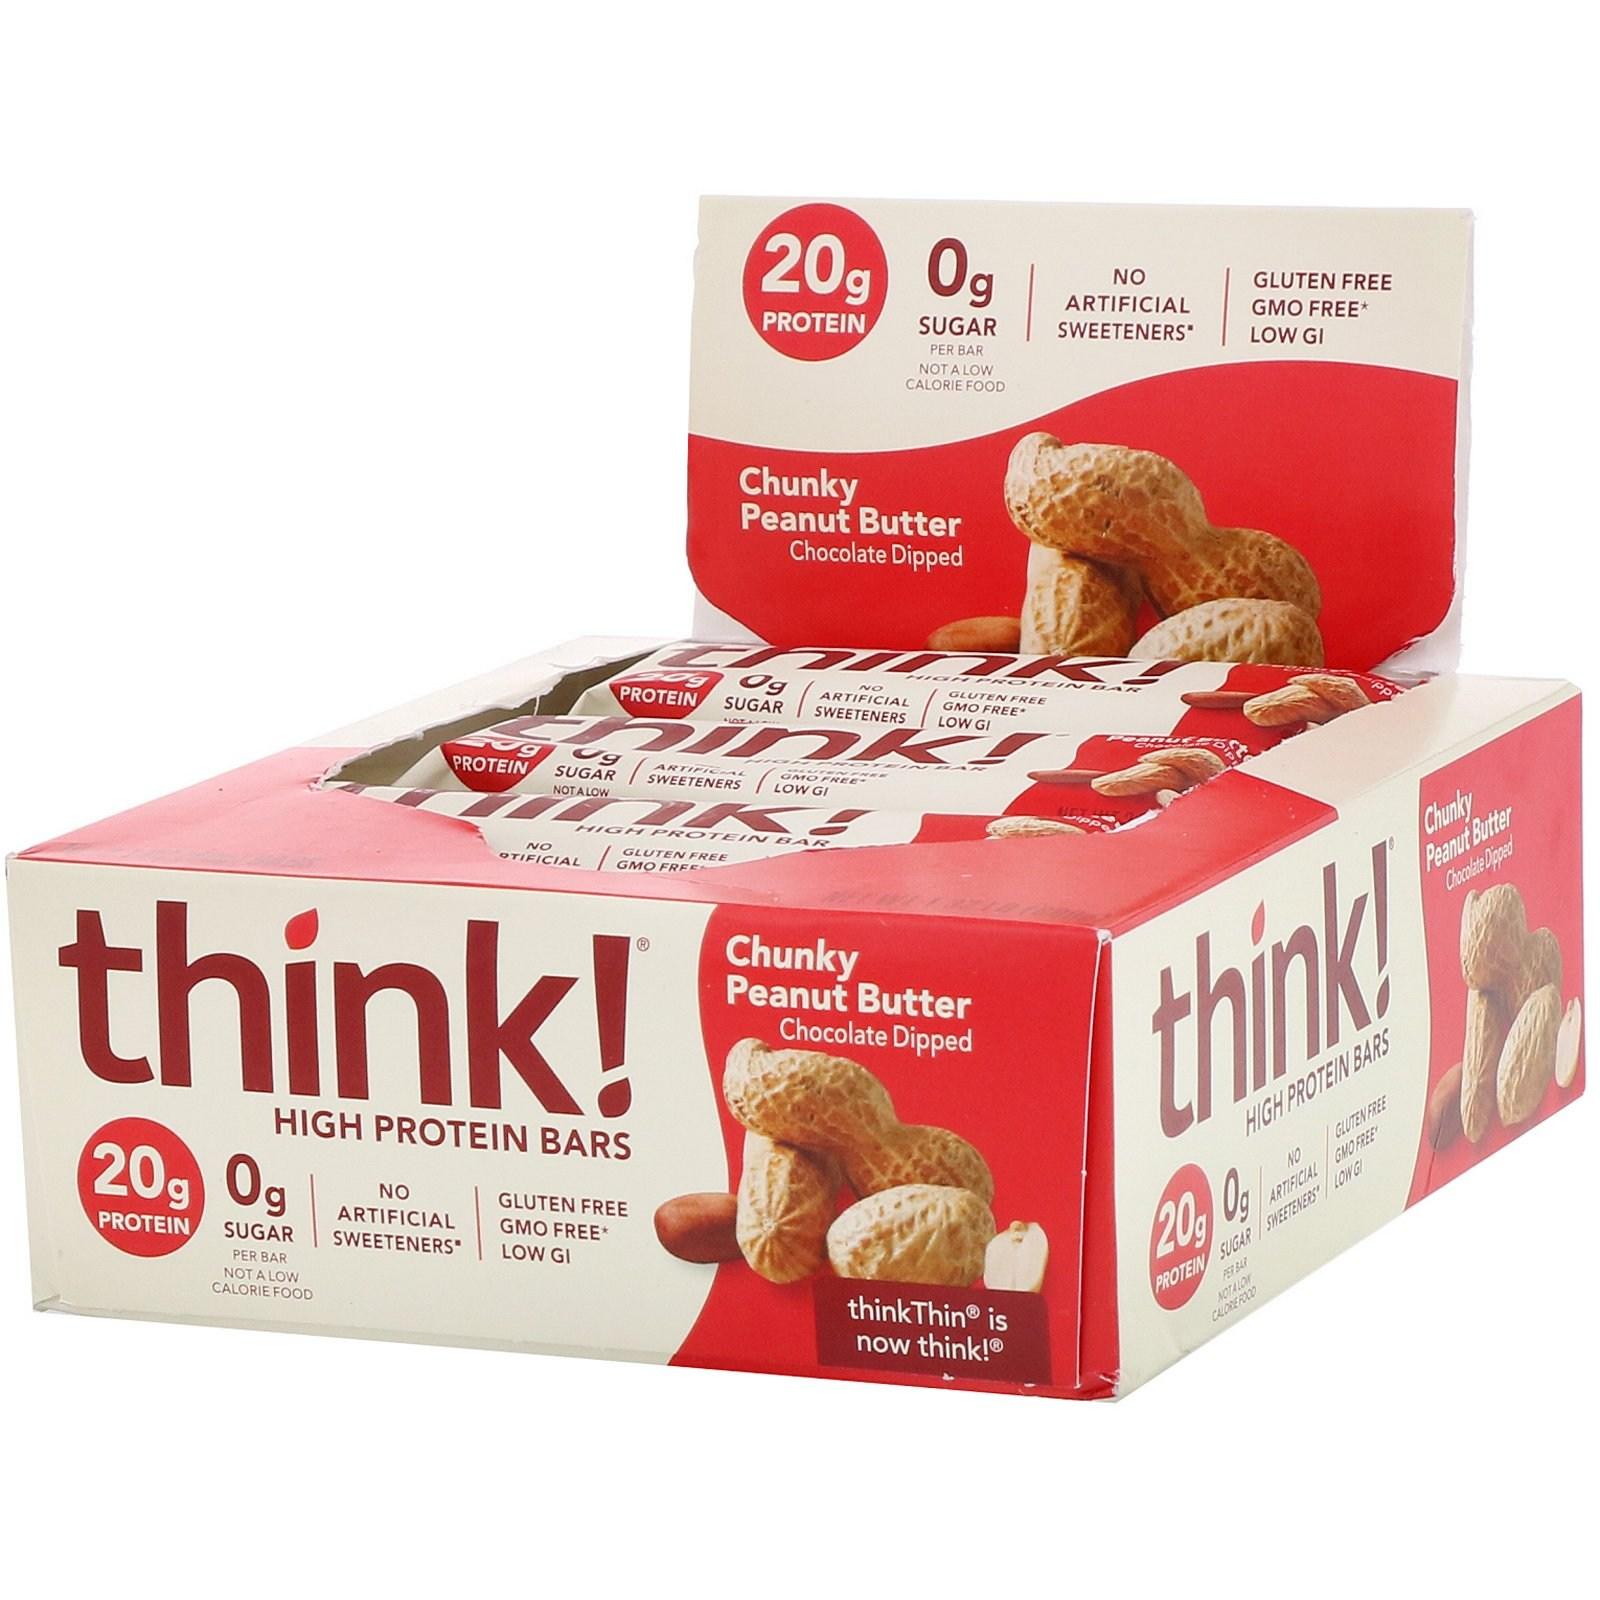 씽크씬 고단백질 바 청키 땅콩 버터 10개 각 60g 프로틴바, 1개, -